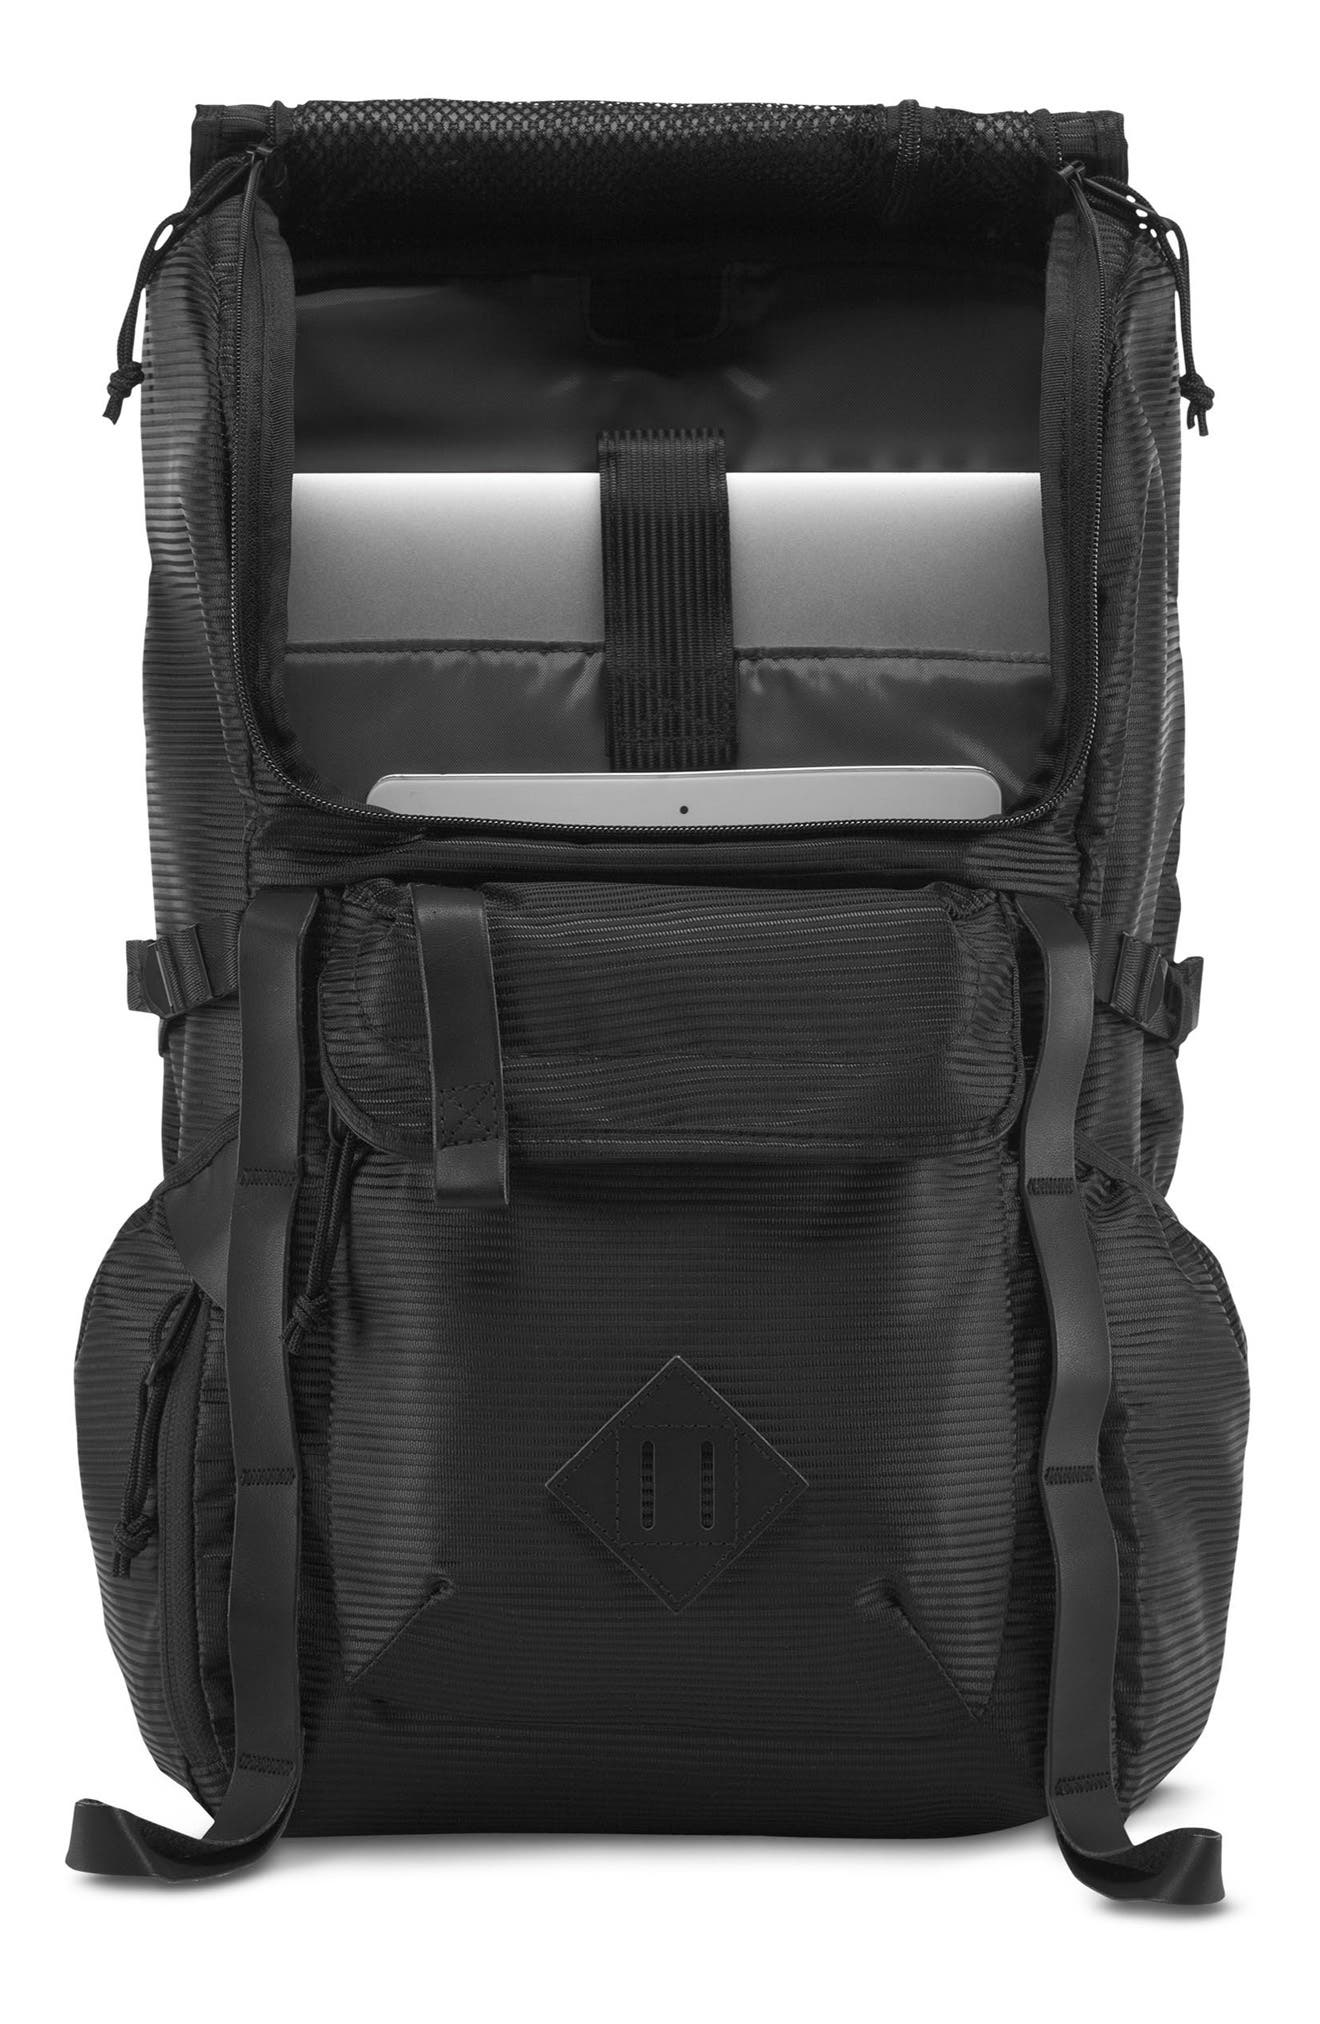 Hatchet DL Backpack,                             Alternate thumbnail 2, color,                             001